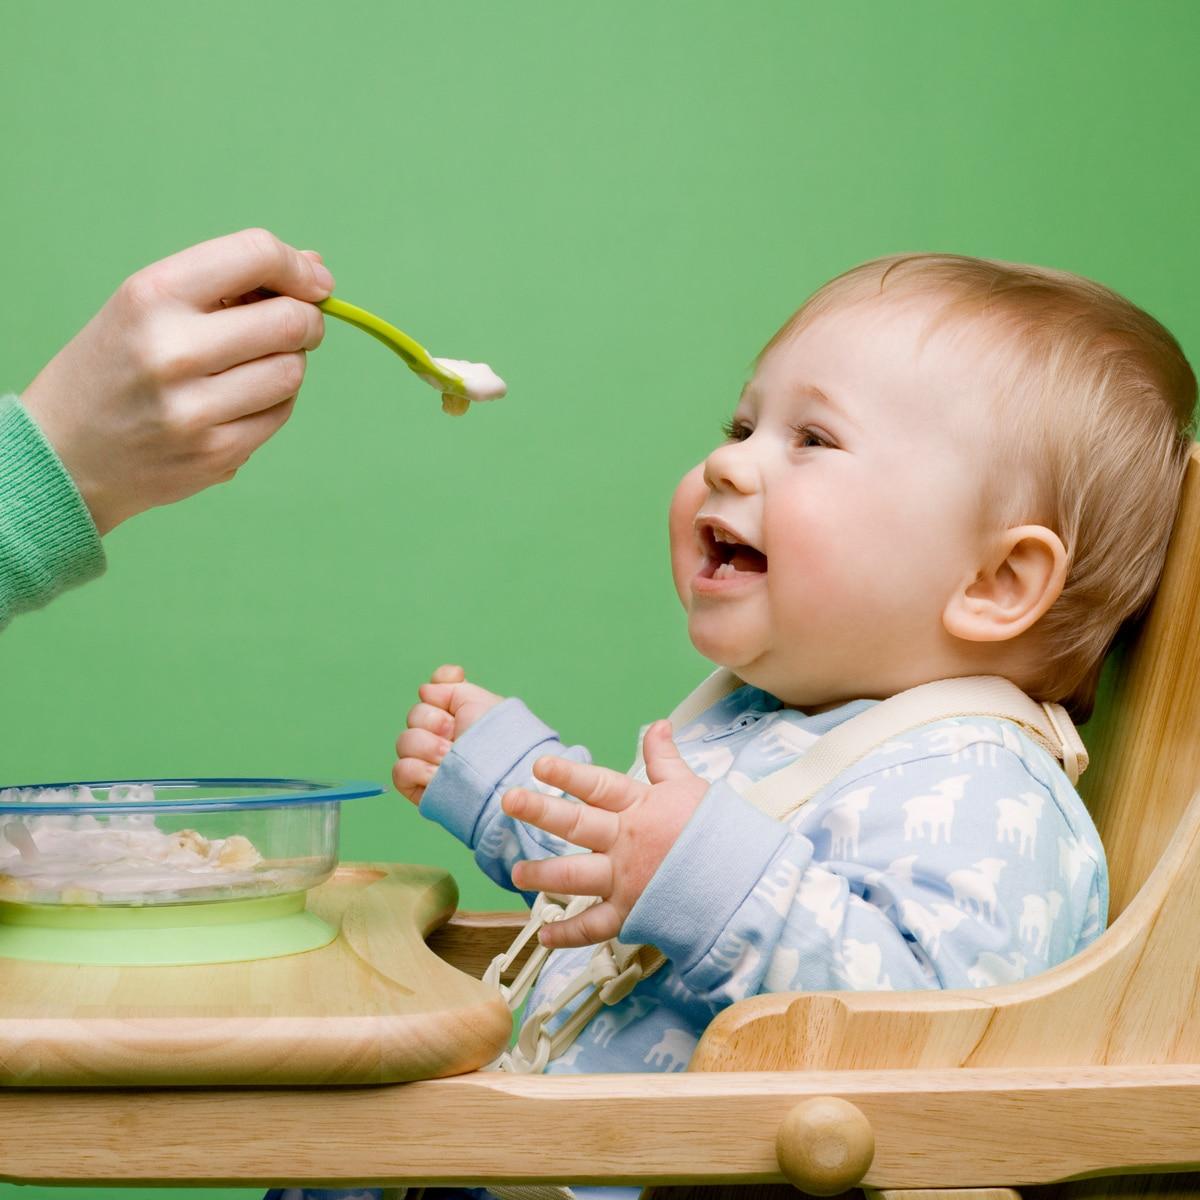 Bebeklere Ne Zaman Katı Yiyecek Verilebilir?